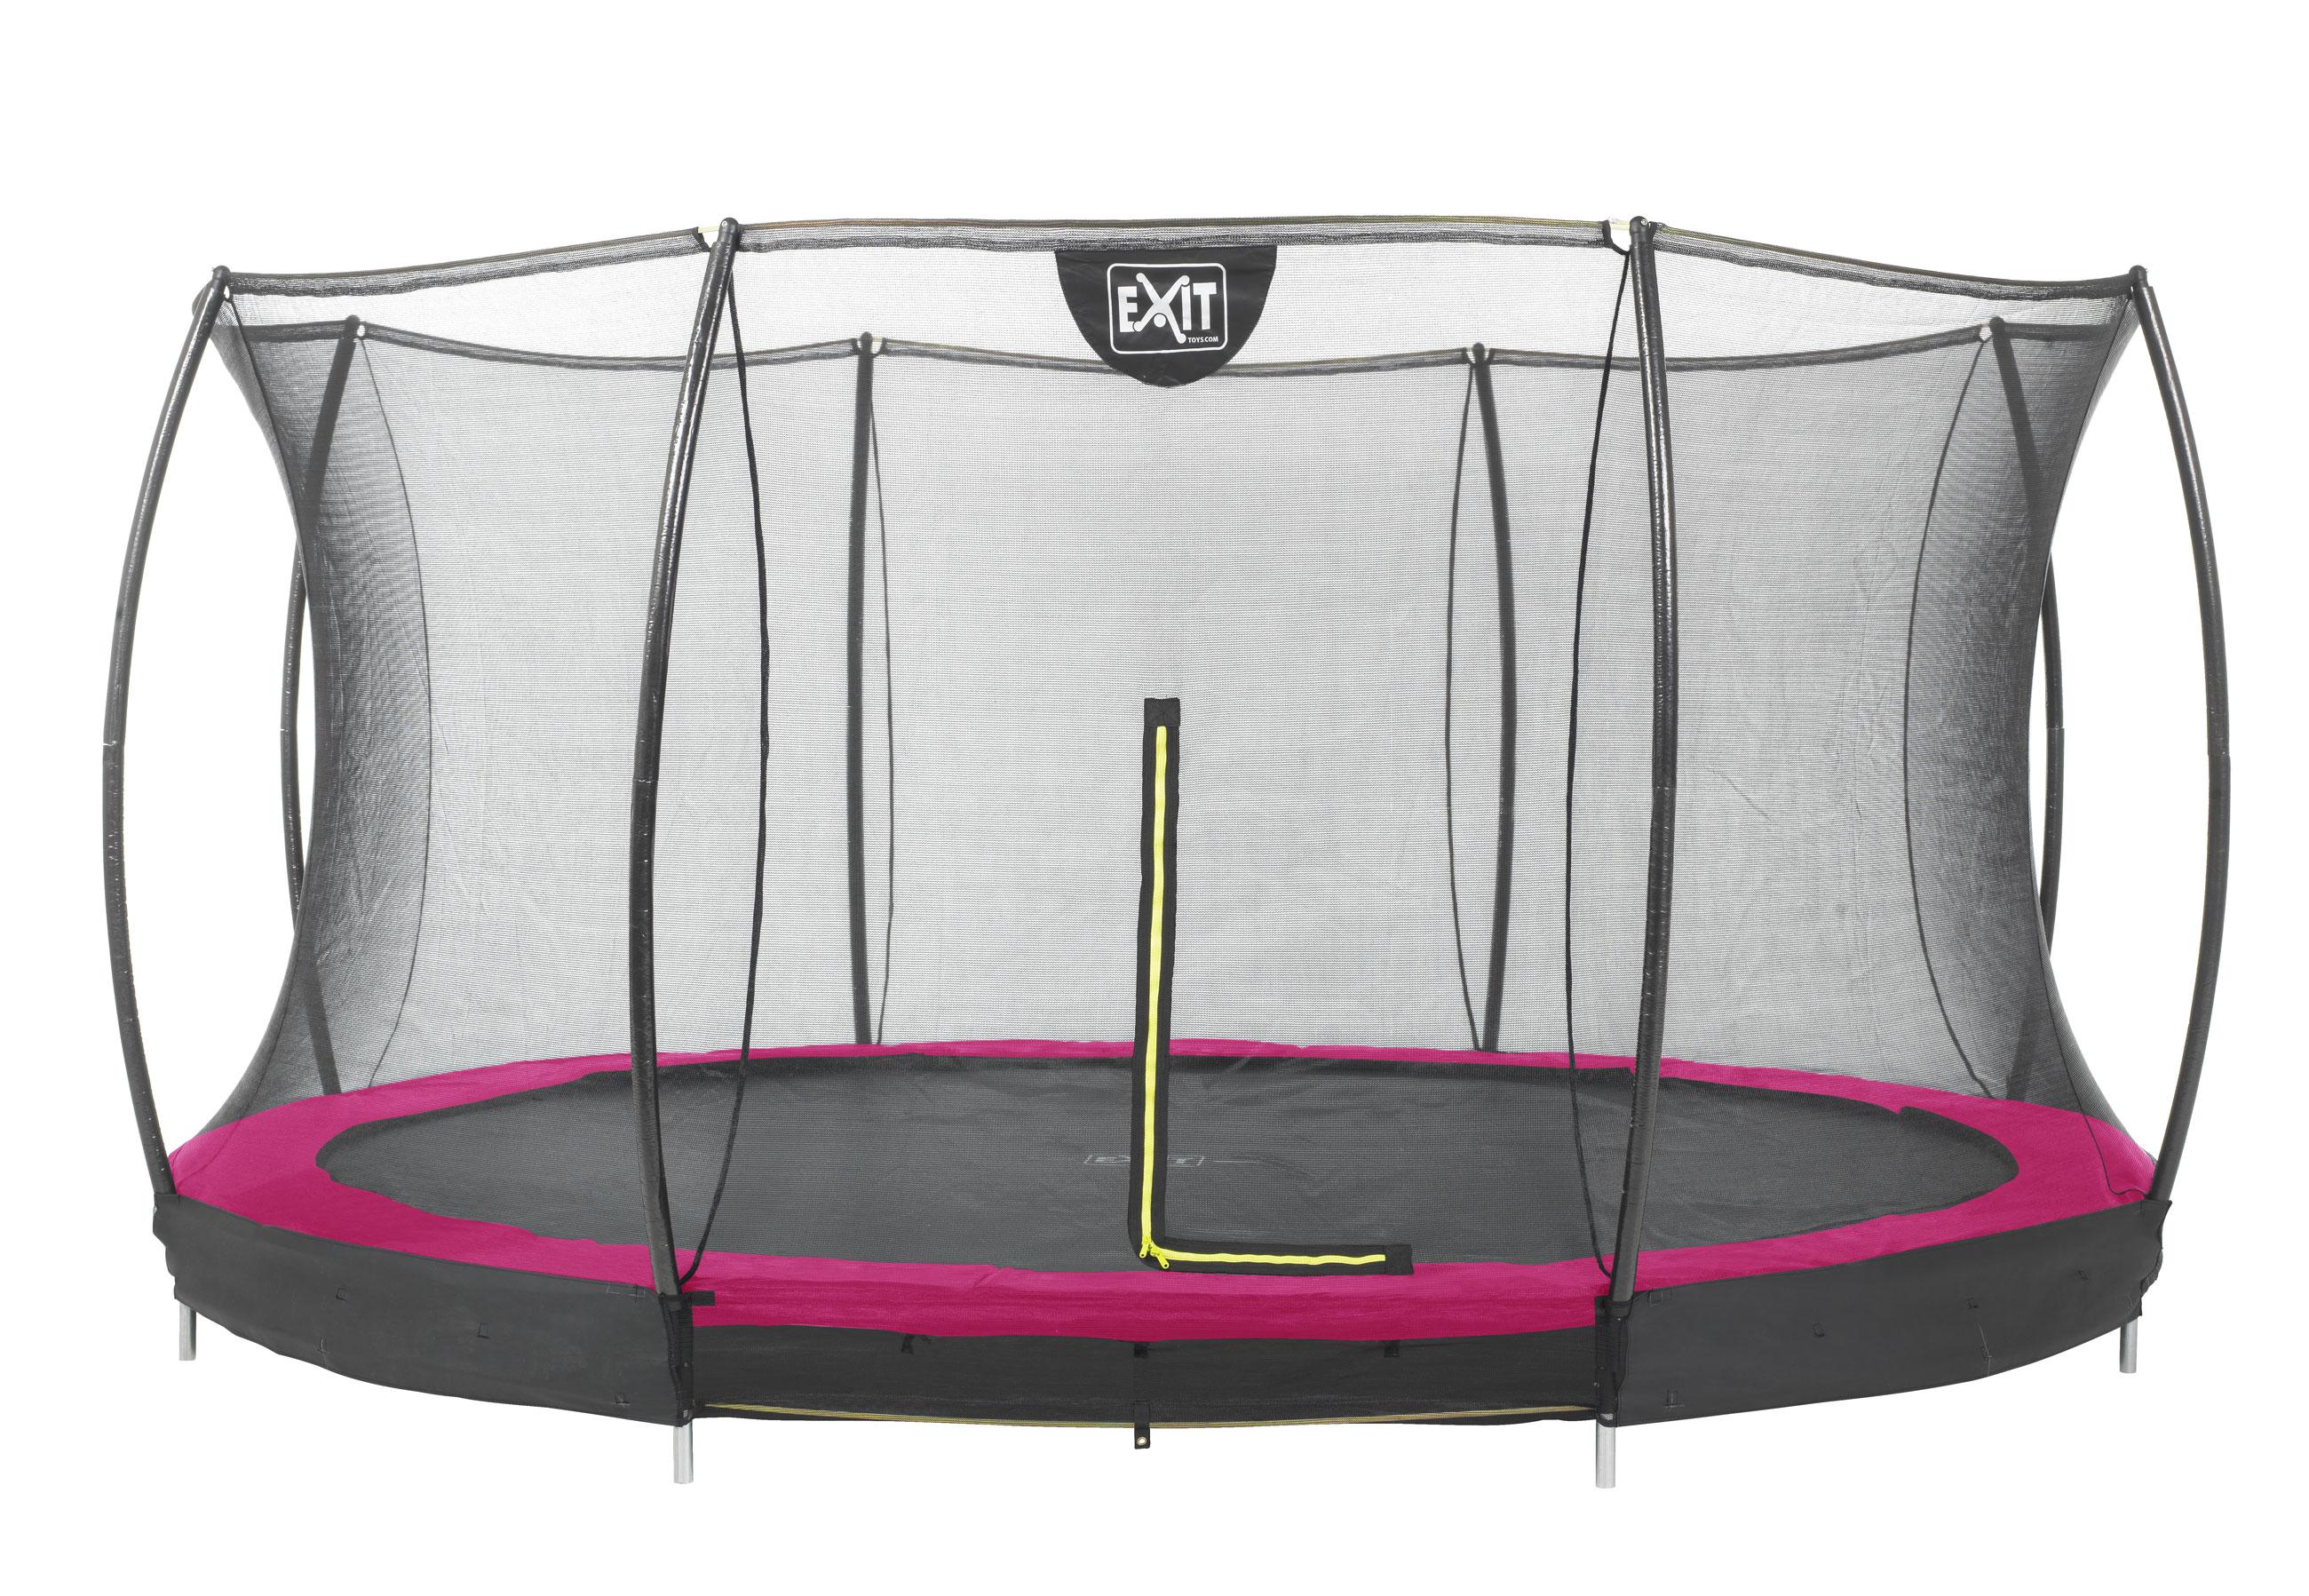 Trampolin EXIT Silhouette Ground mit Sicherheitsnetz Ø427cm pink Bild 1